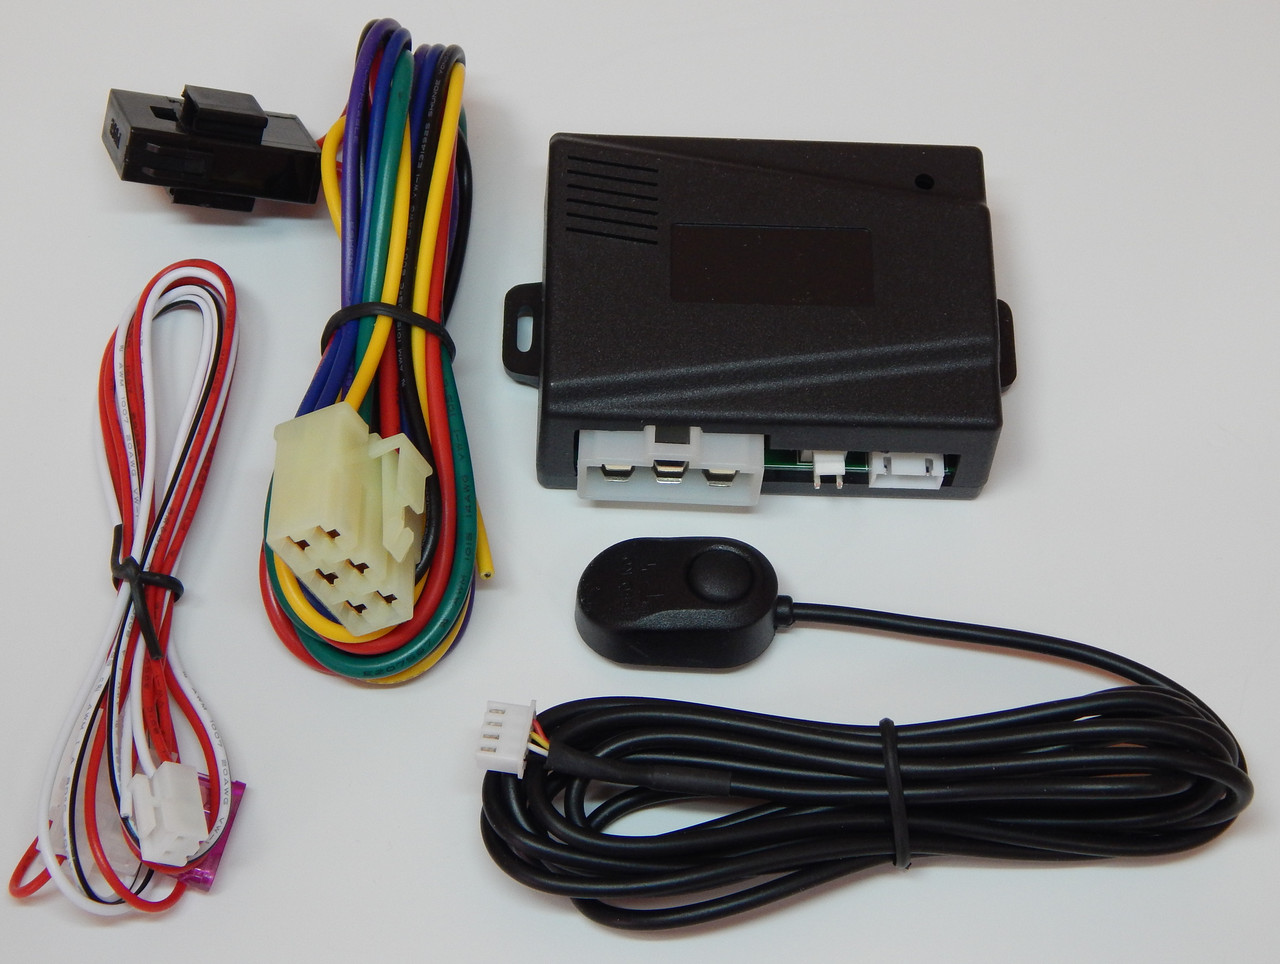 Пристрій автоматичного включення головного світла ZIRY NQ-L600 з фотоелементом